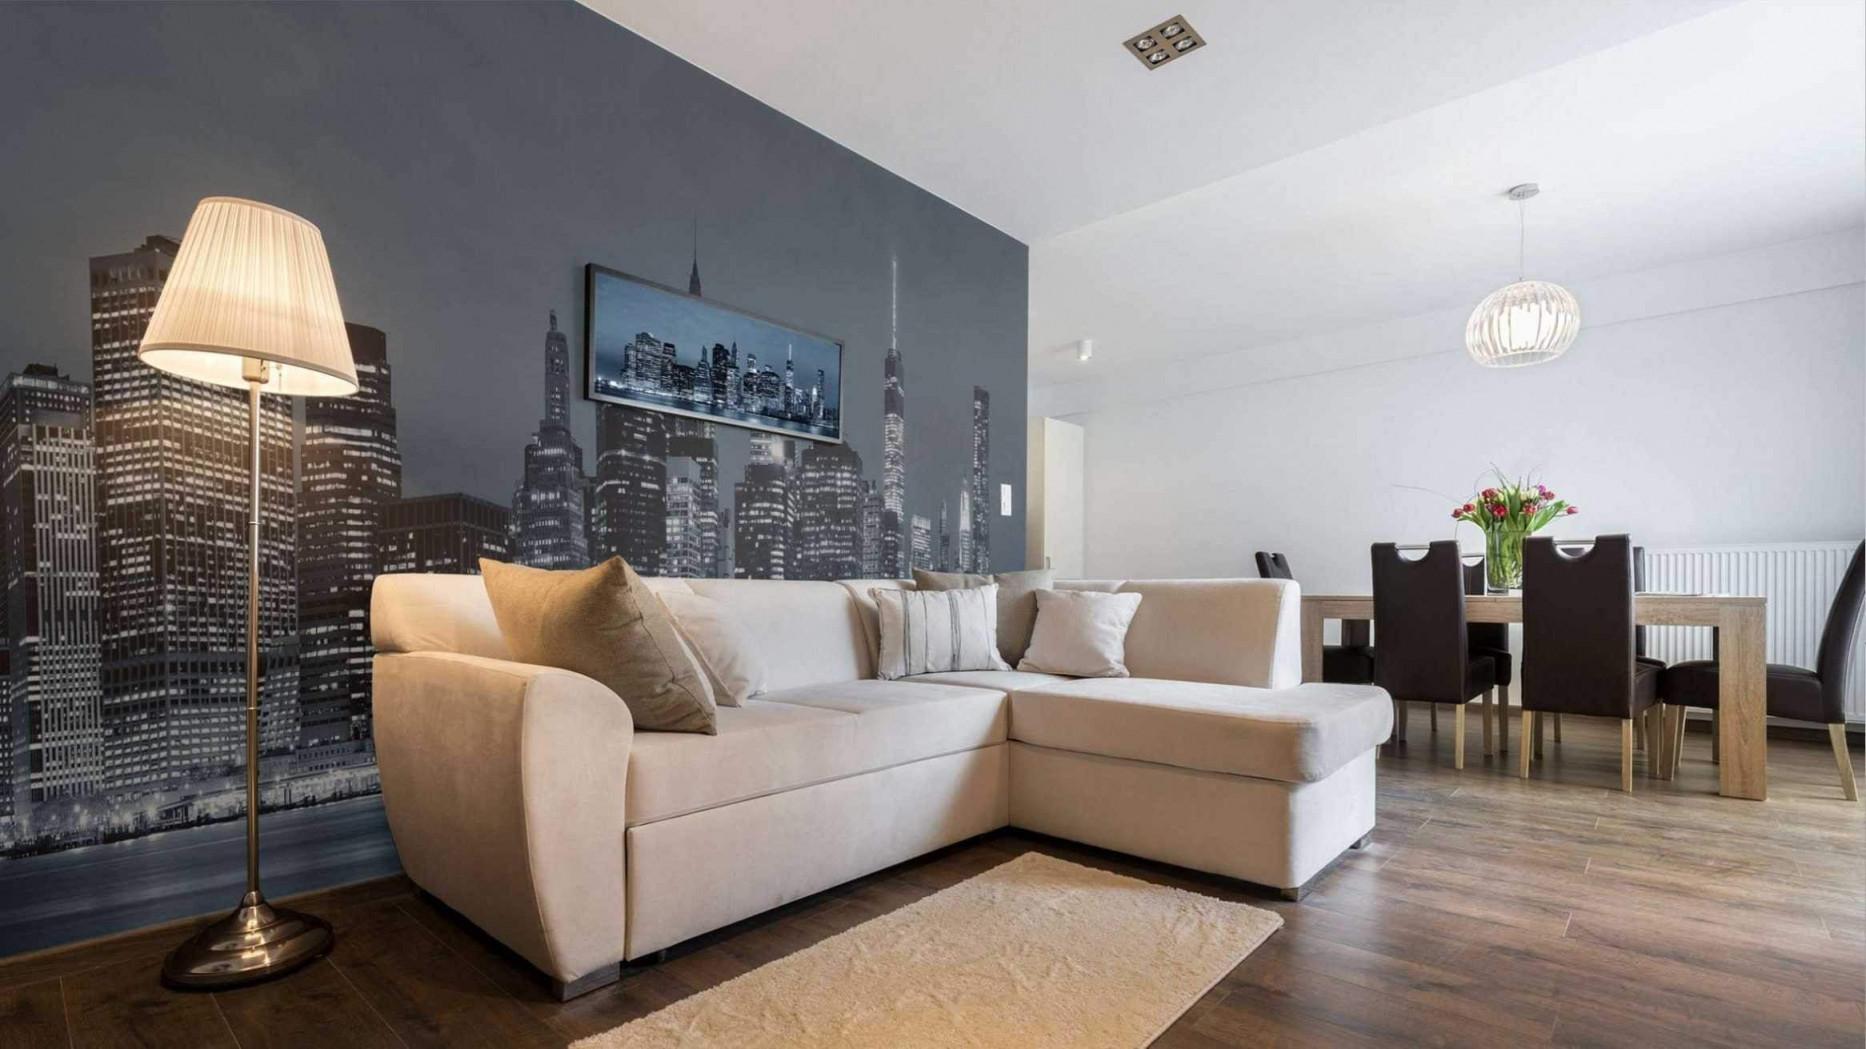 34 Einzigartig Wandfarben Ideen Wohnzimmer Schön von Wandfarben Ideen Wohnzimmer Bild